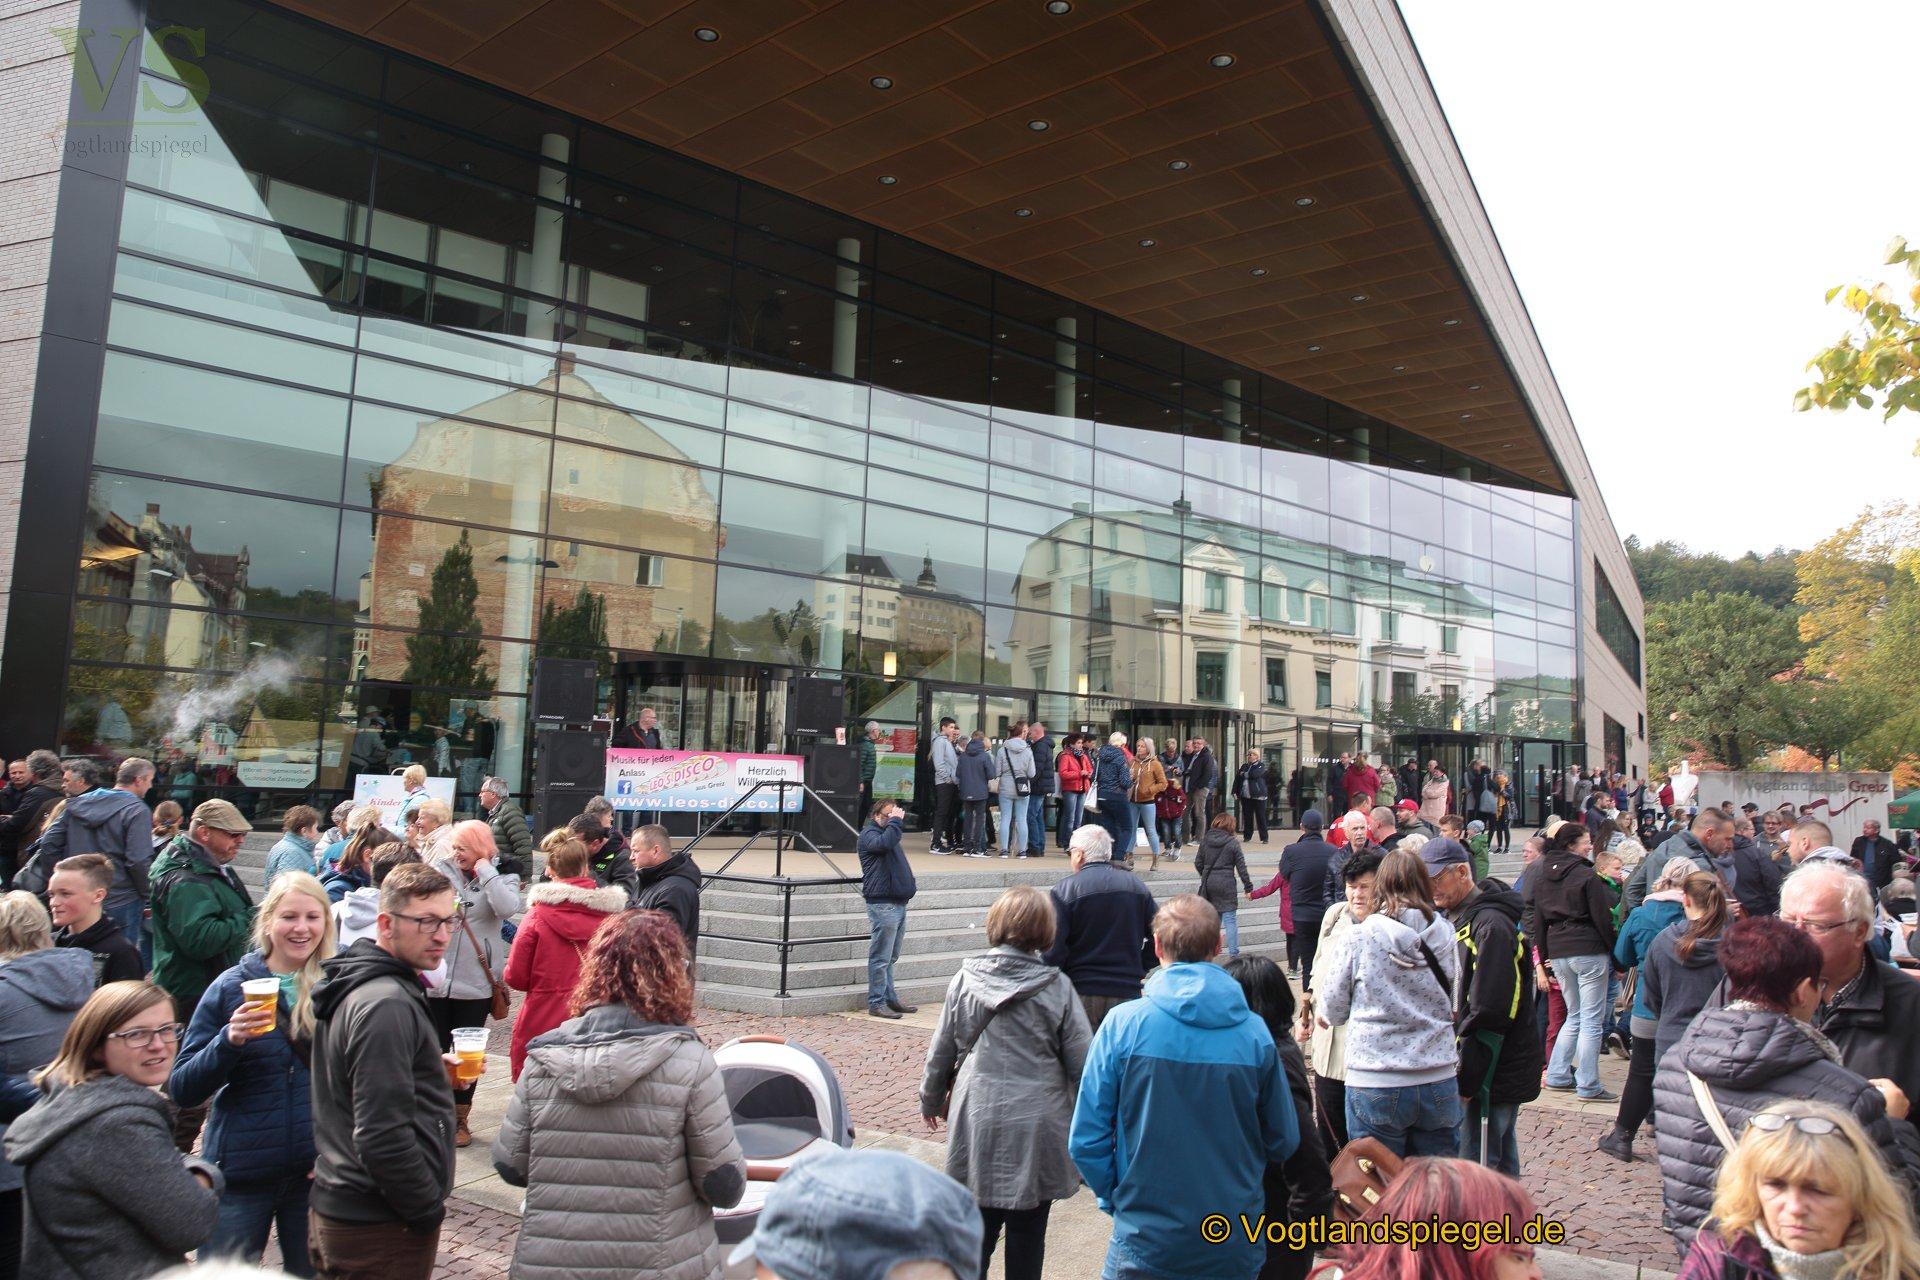 Traditionell wurde am Tag der deutschen Einheit zum beliebten Neustadtfest eingeladen.